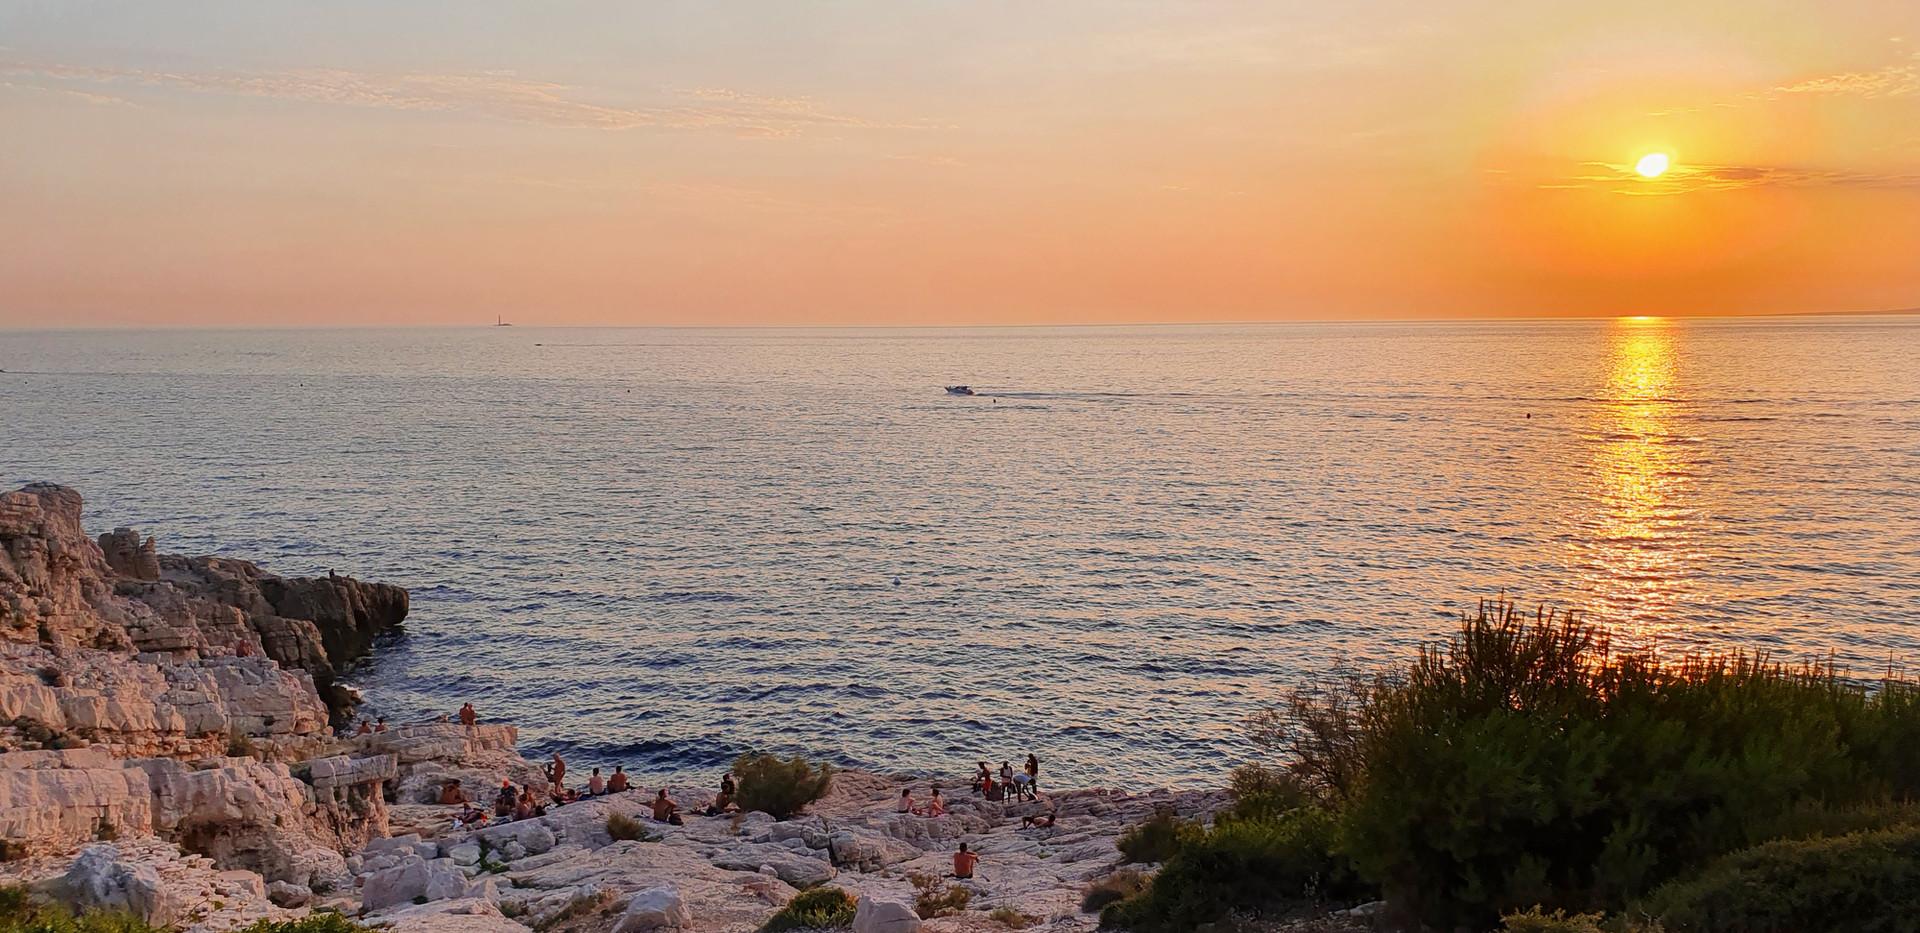 Sunset on a gay beach!